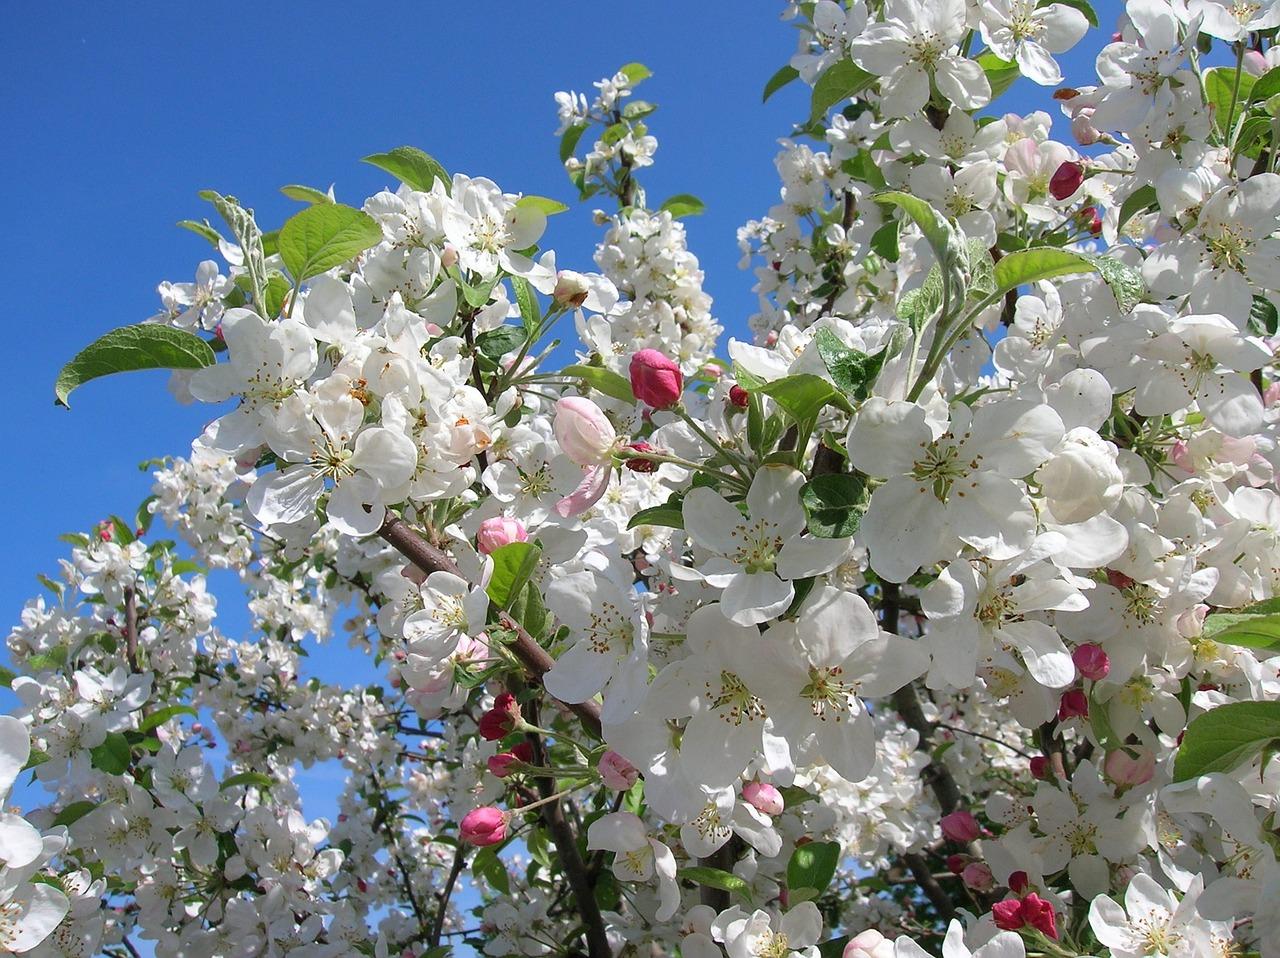 имея красивые картинки цветущих яблонь очень закрытая, кем